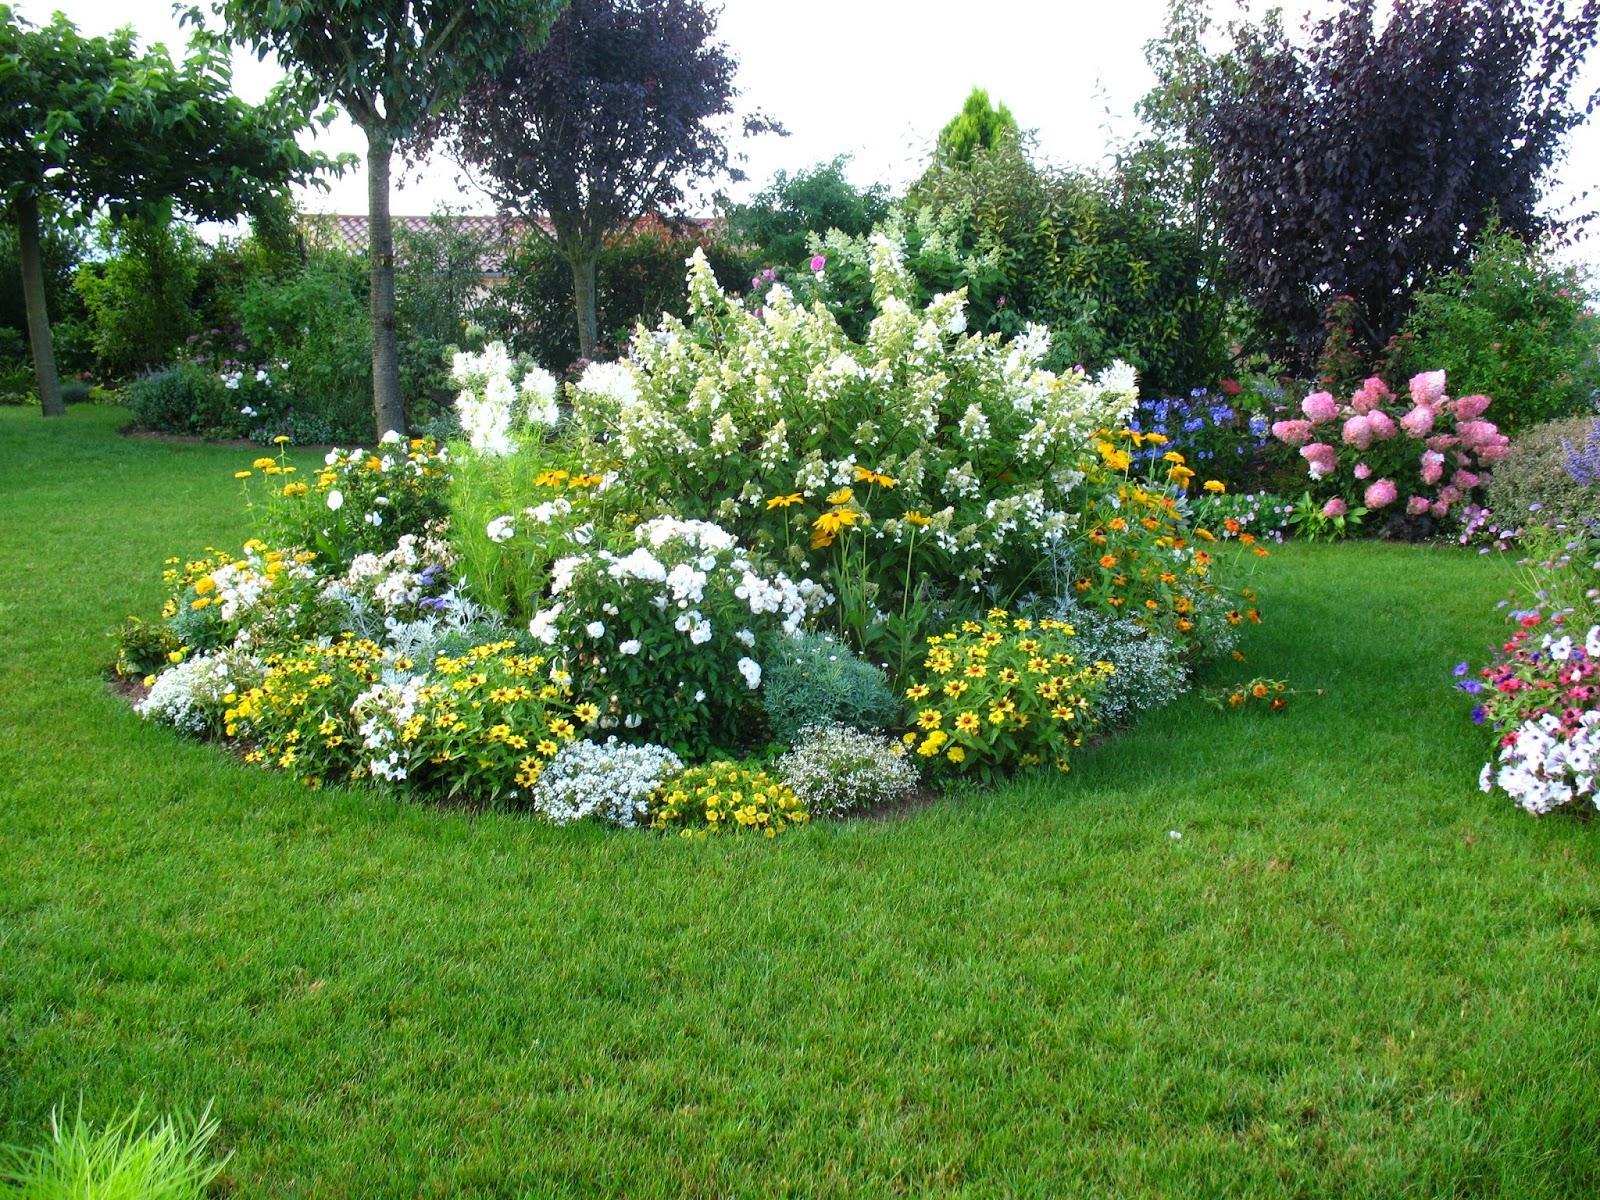 Záhrada,ktorá ťa nikdy neomrzí...divoká a krásna - Obrázok č. 108